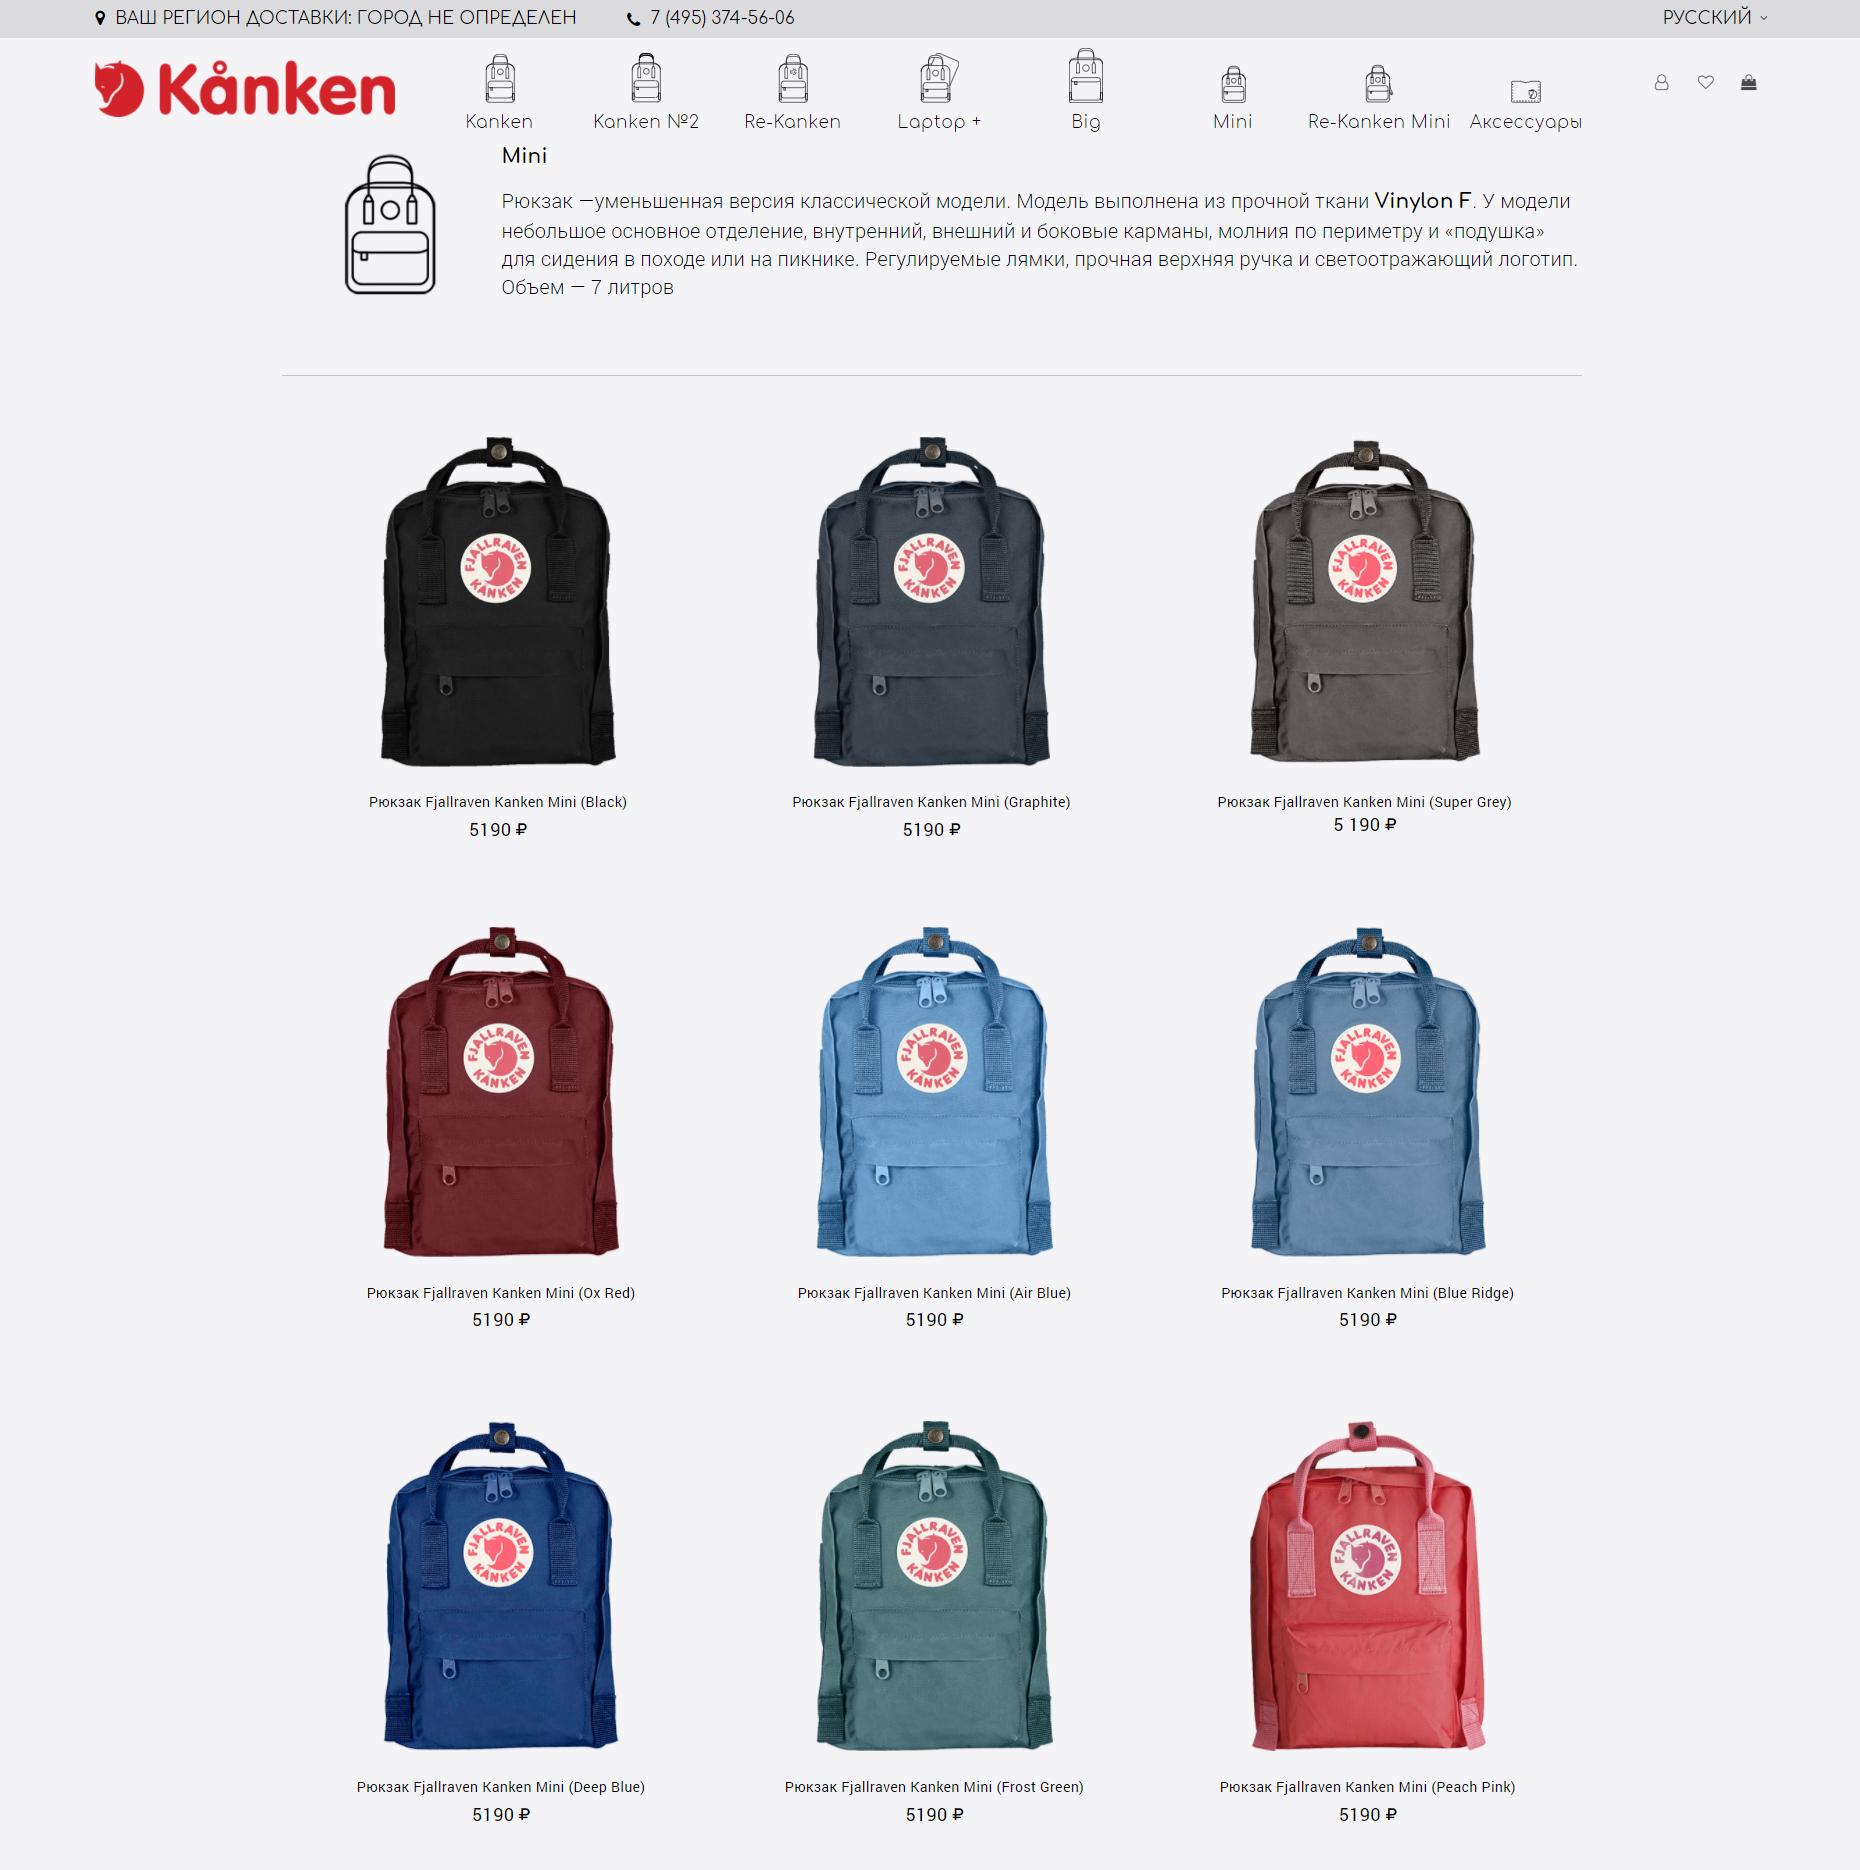 Интернет-магазин брендовых рюкзаков - kanken.ru